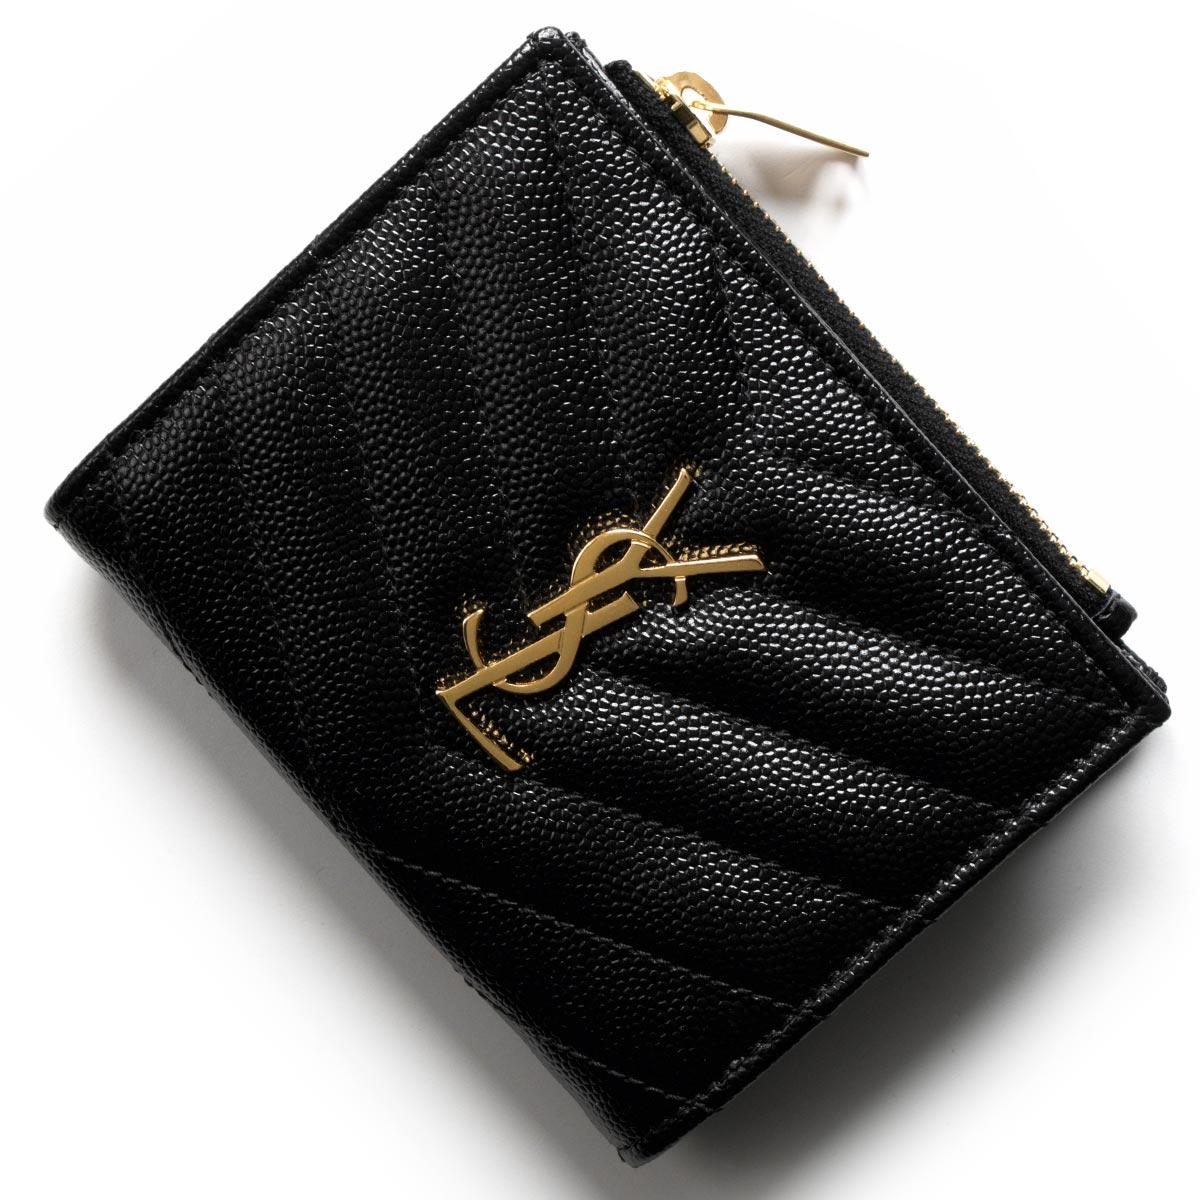 サンローランパリ イヴサンローラン 財布 二つ折り財布 財布 レディース モノグラム YSL ブラック 517045 BOW01 1000 SAINT LAURENT PARIS バーゲン